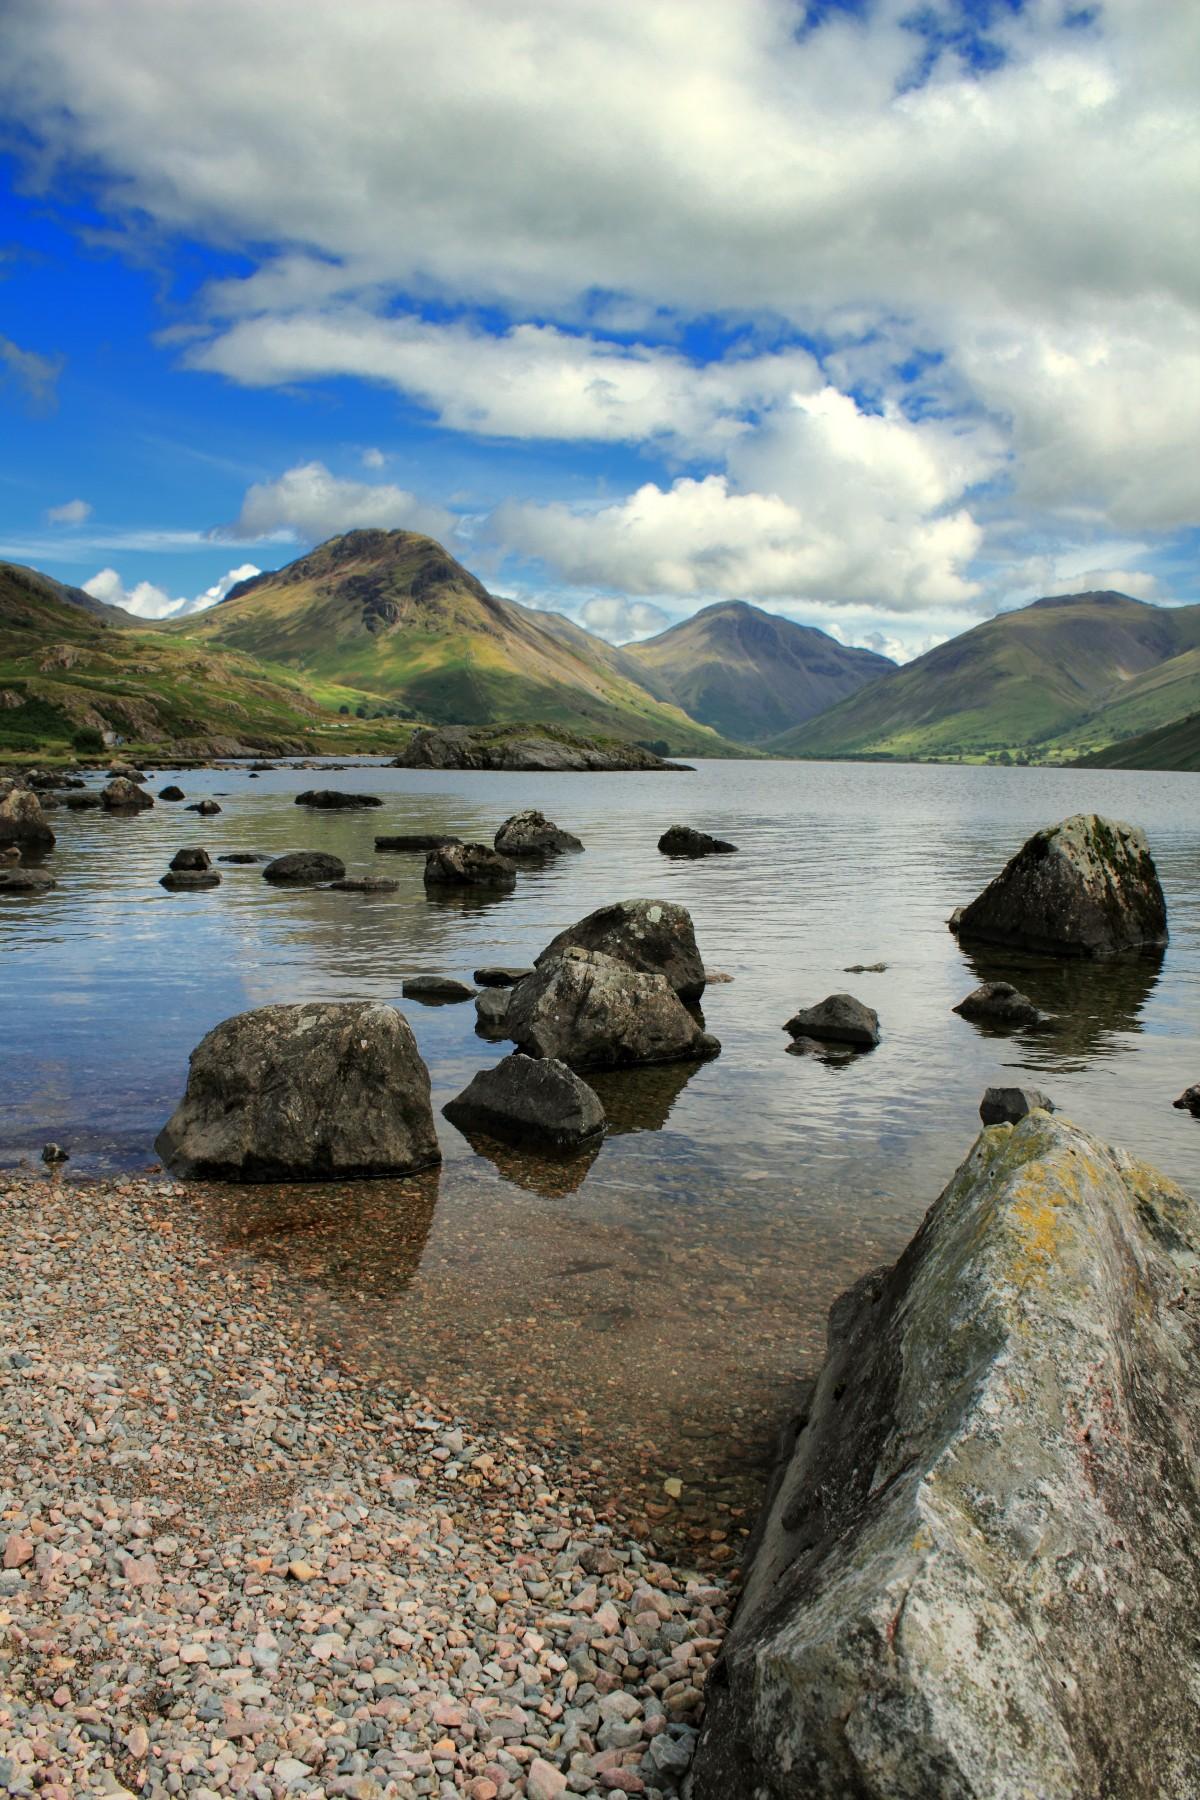 Cumbria Lake District Lake District England English Uk Park